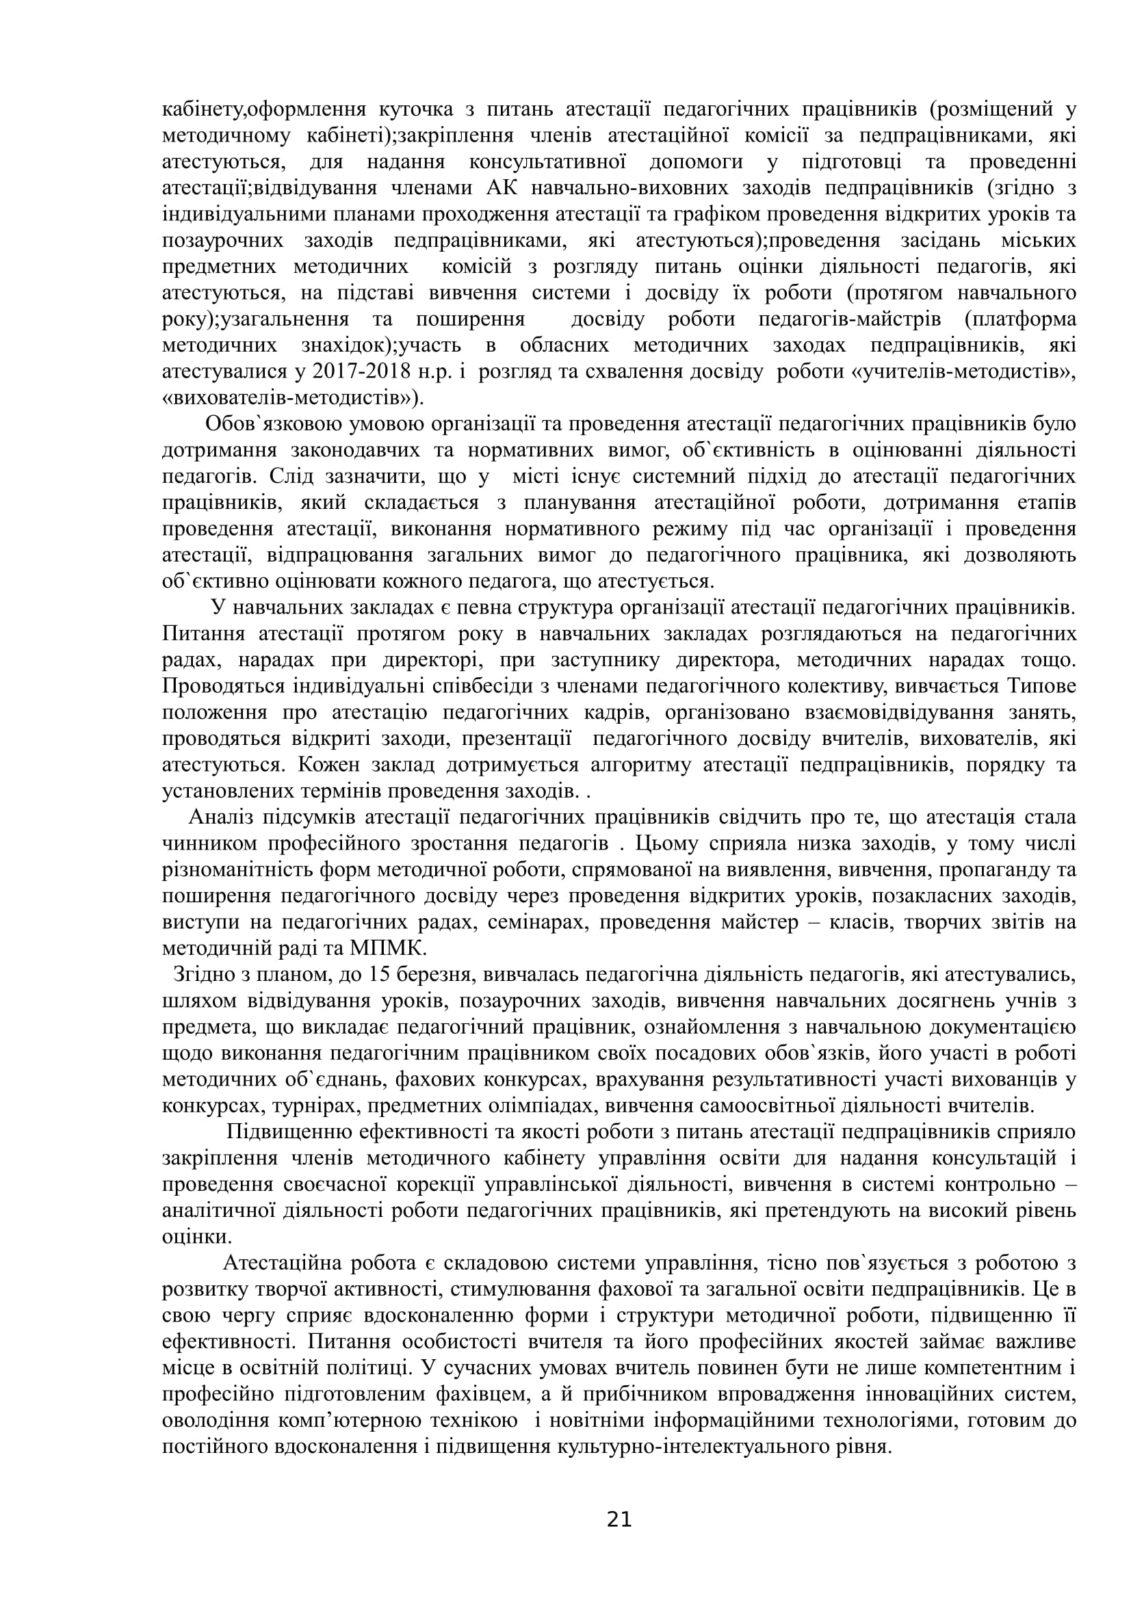 Костянтинівка 2018-2019 - ММК план роботи-22